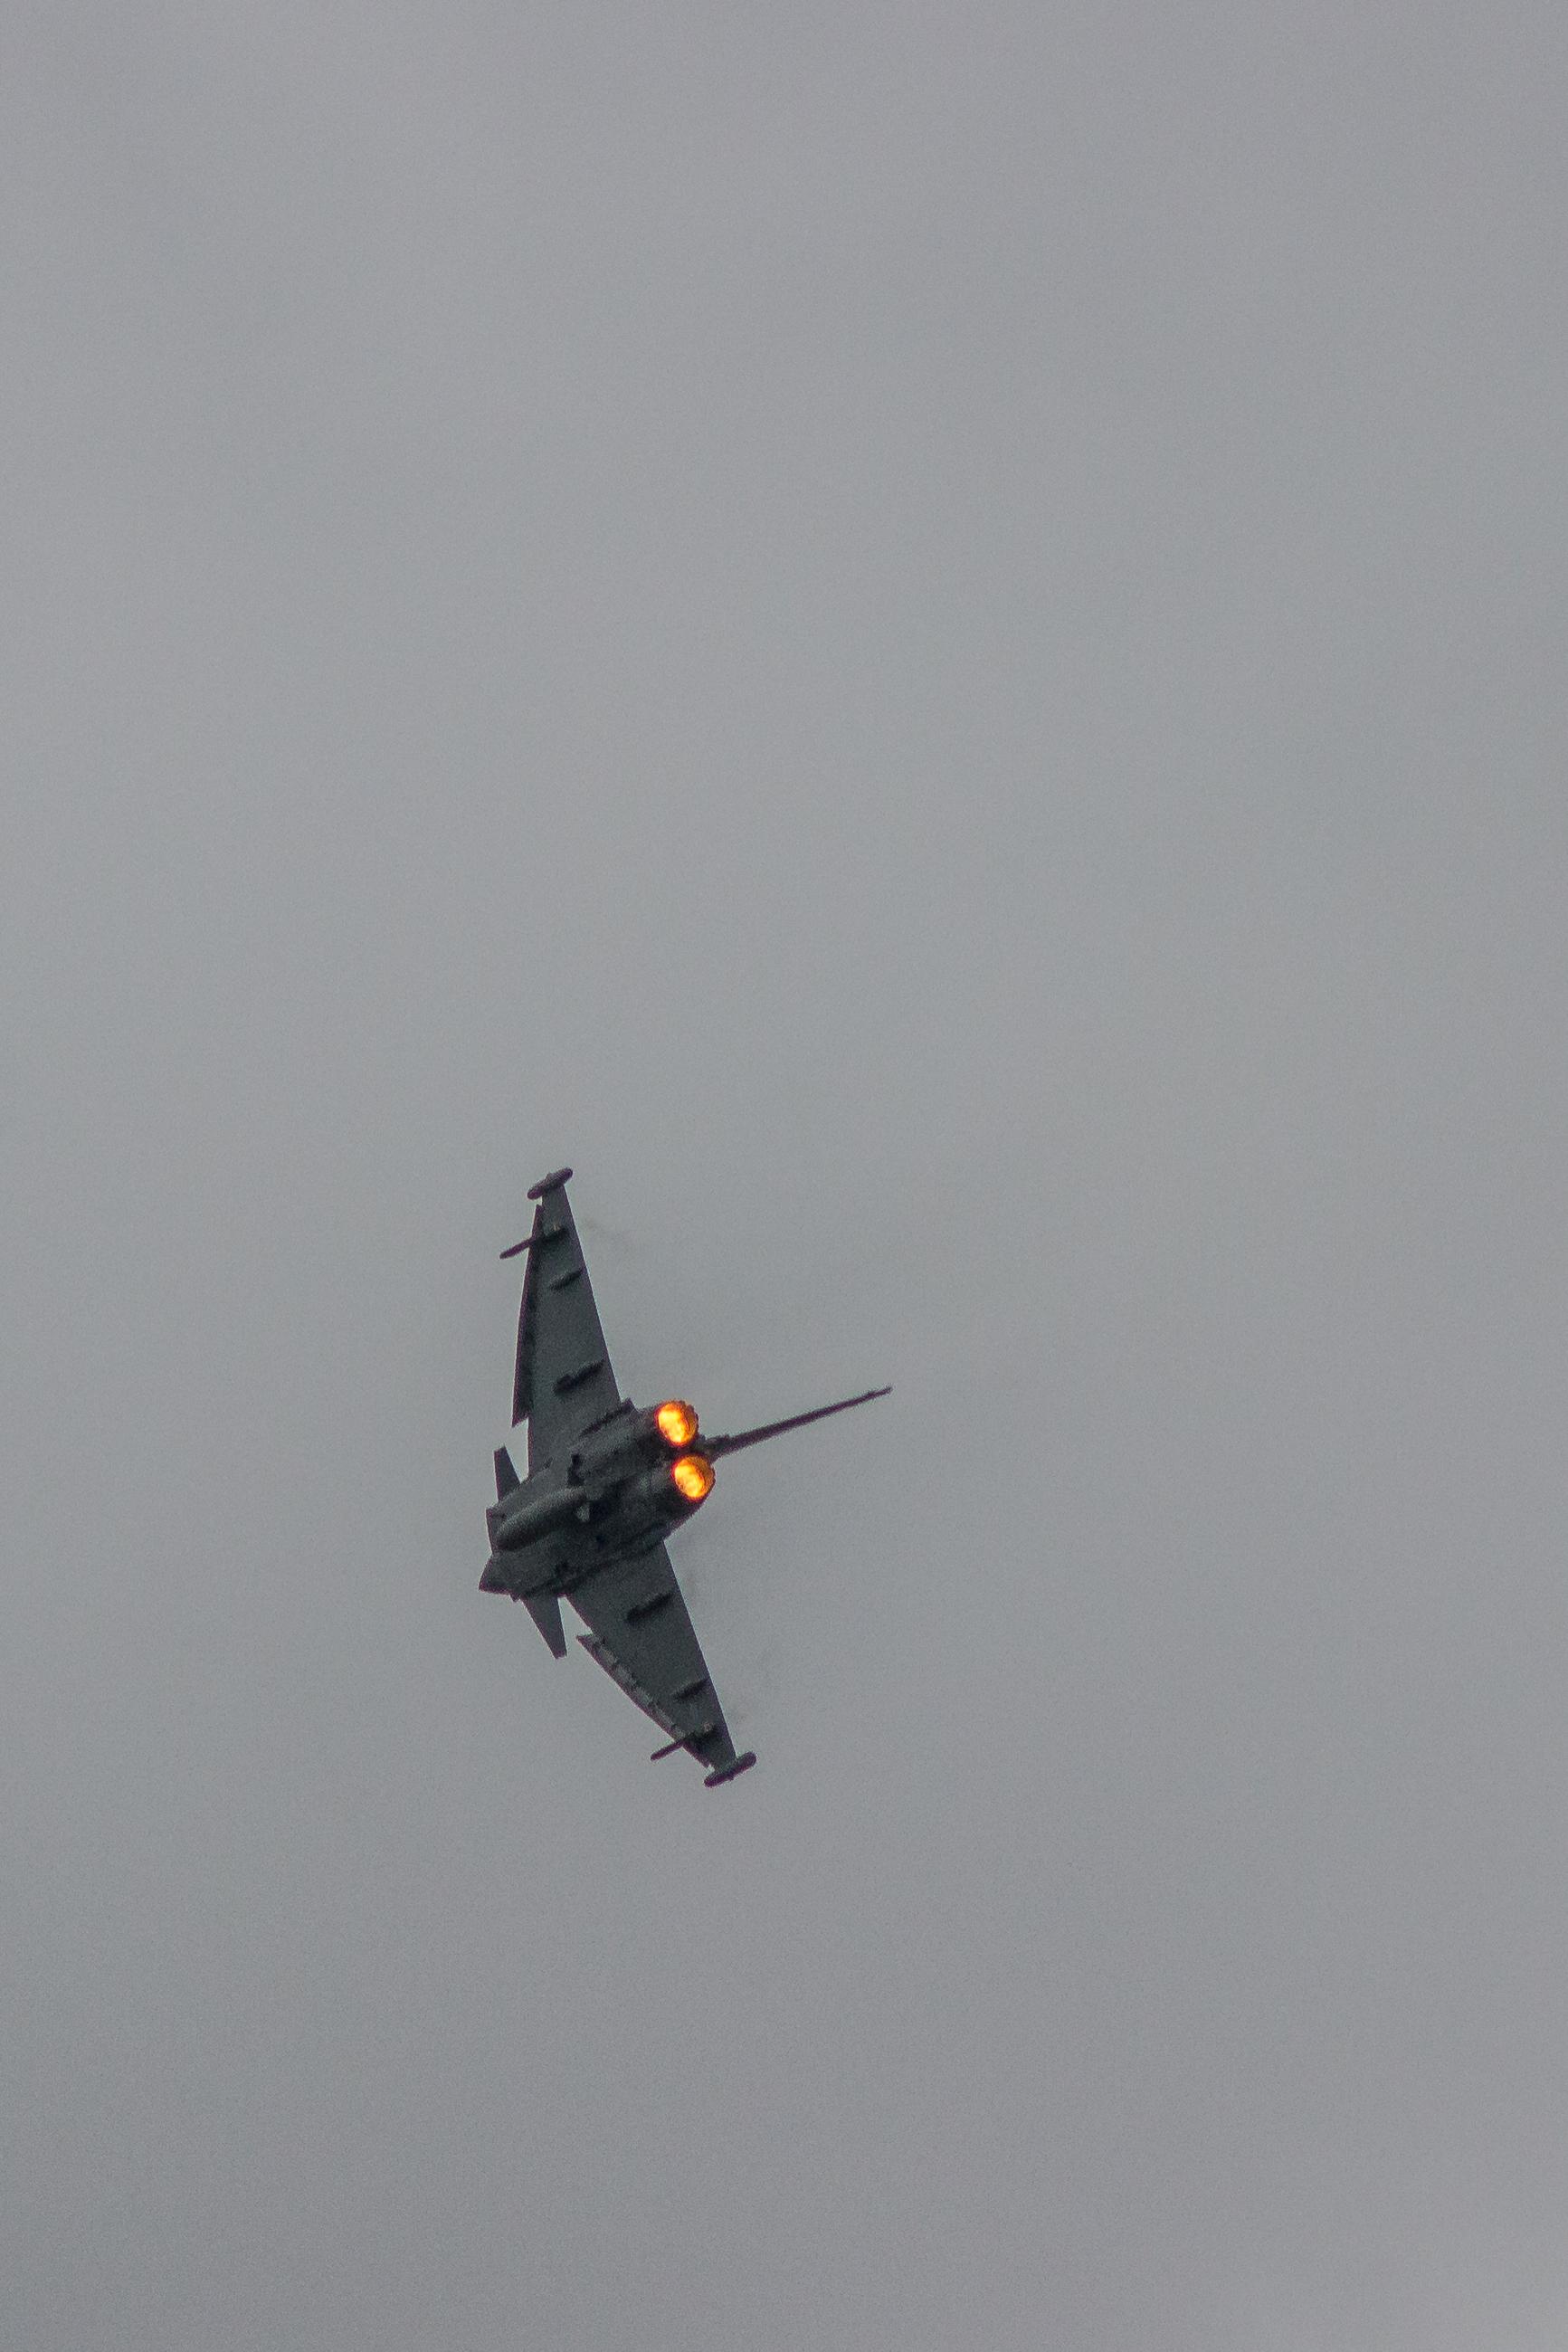 European fighter Tornado aircraft